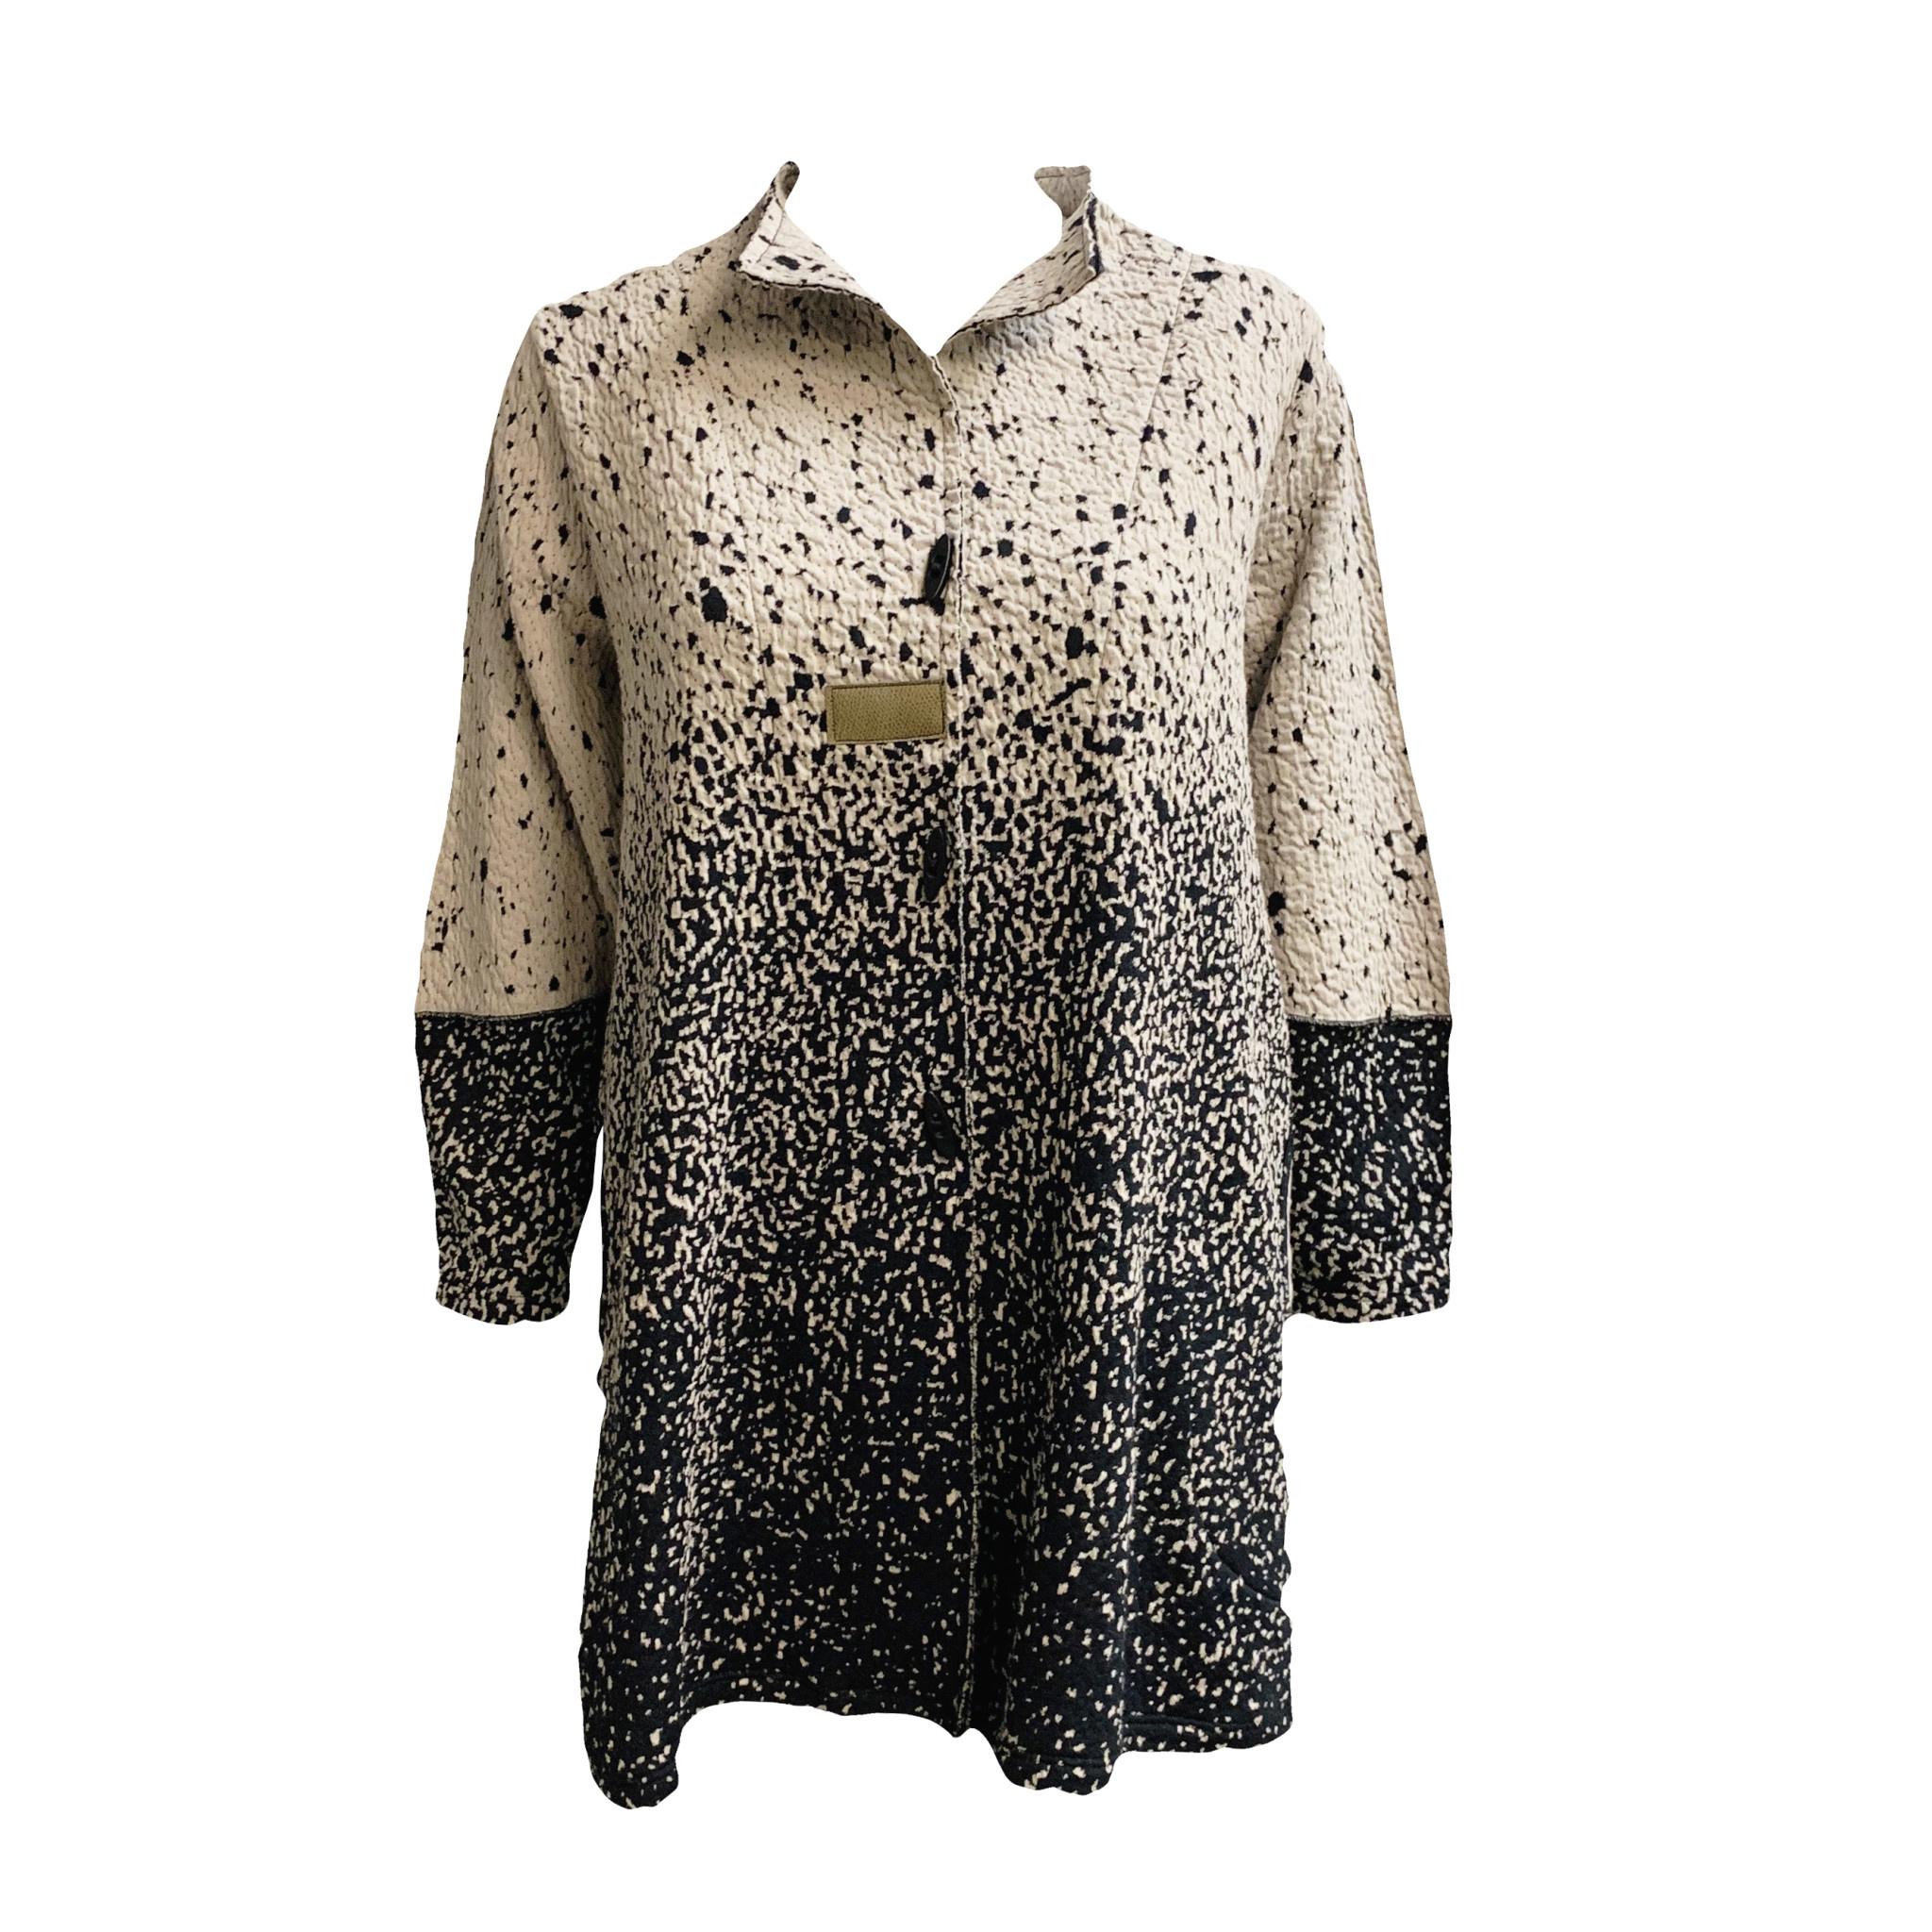 Kiyo KIYO Speckle Jacket - Rose/Black